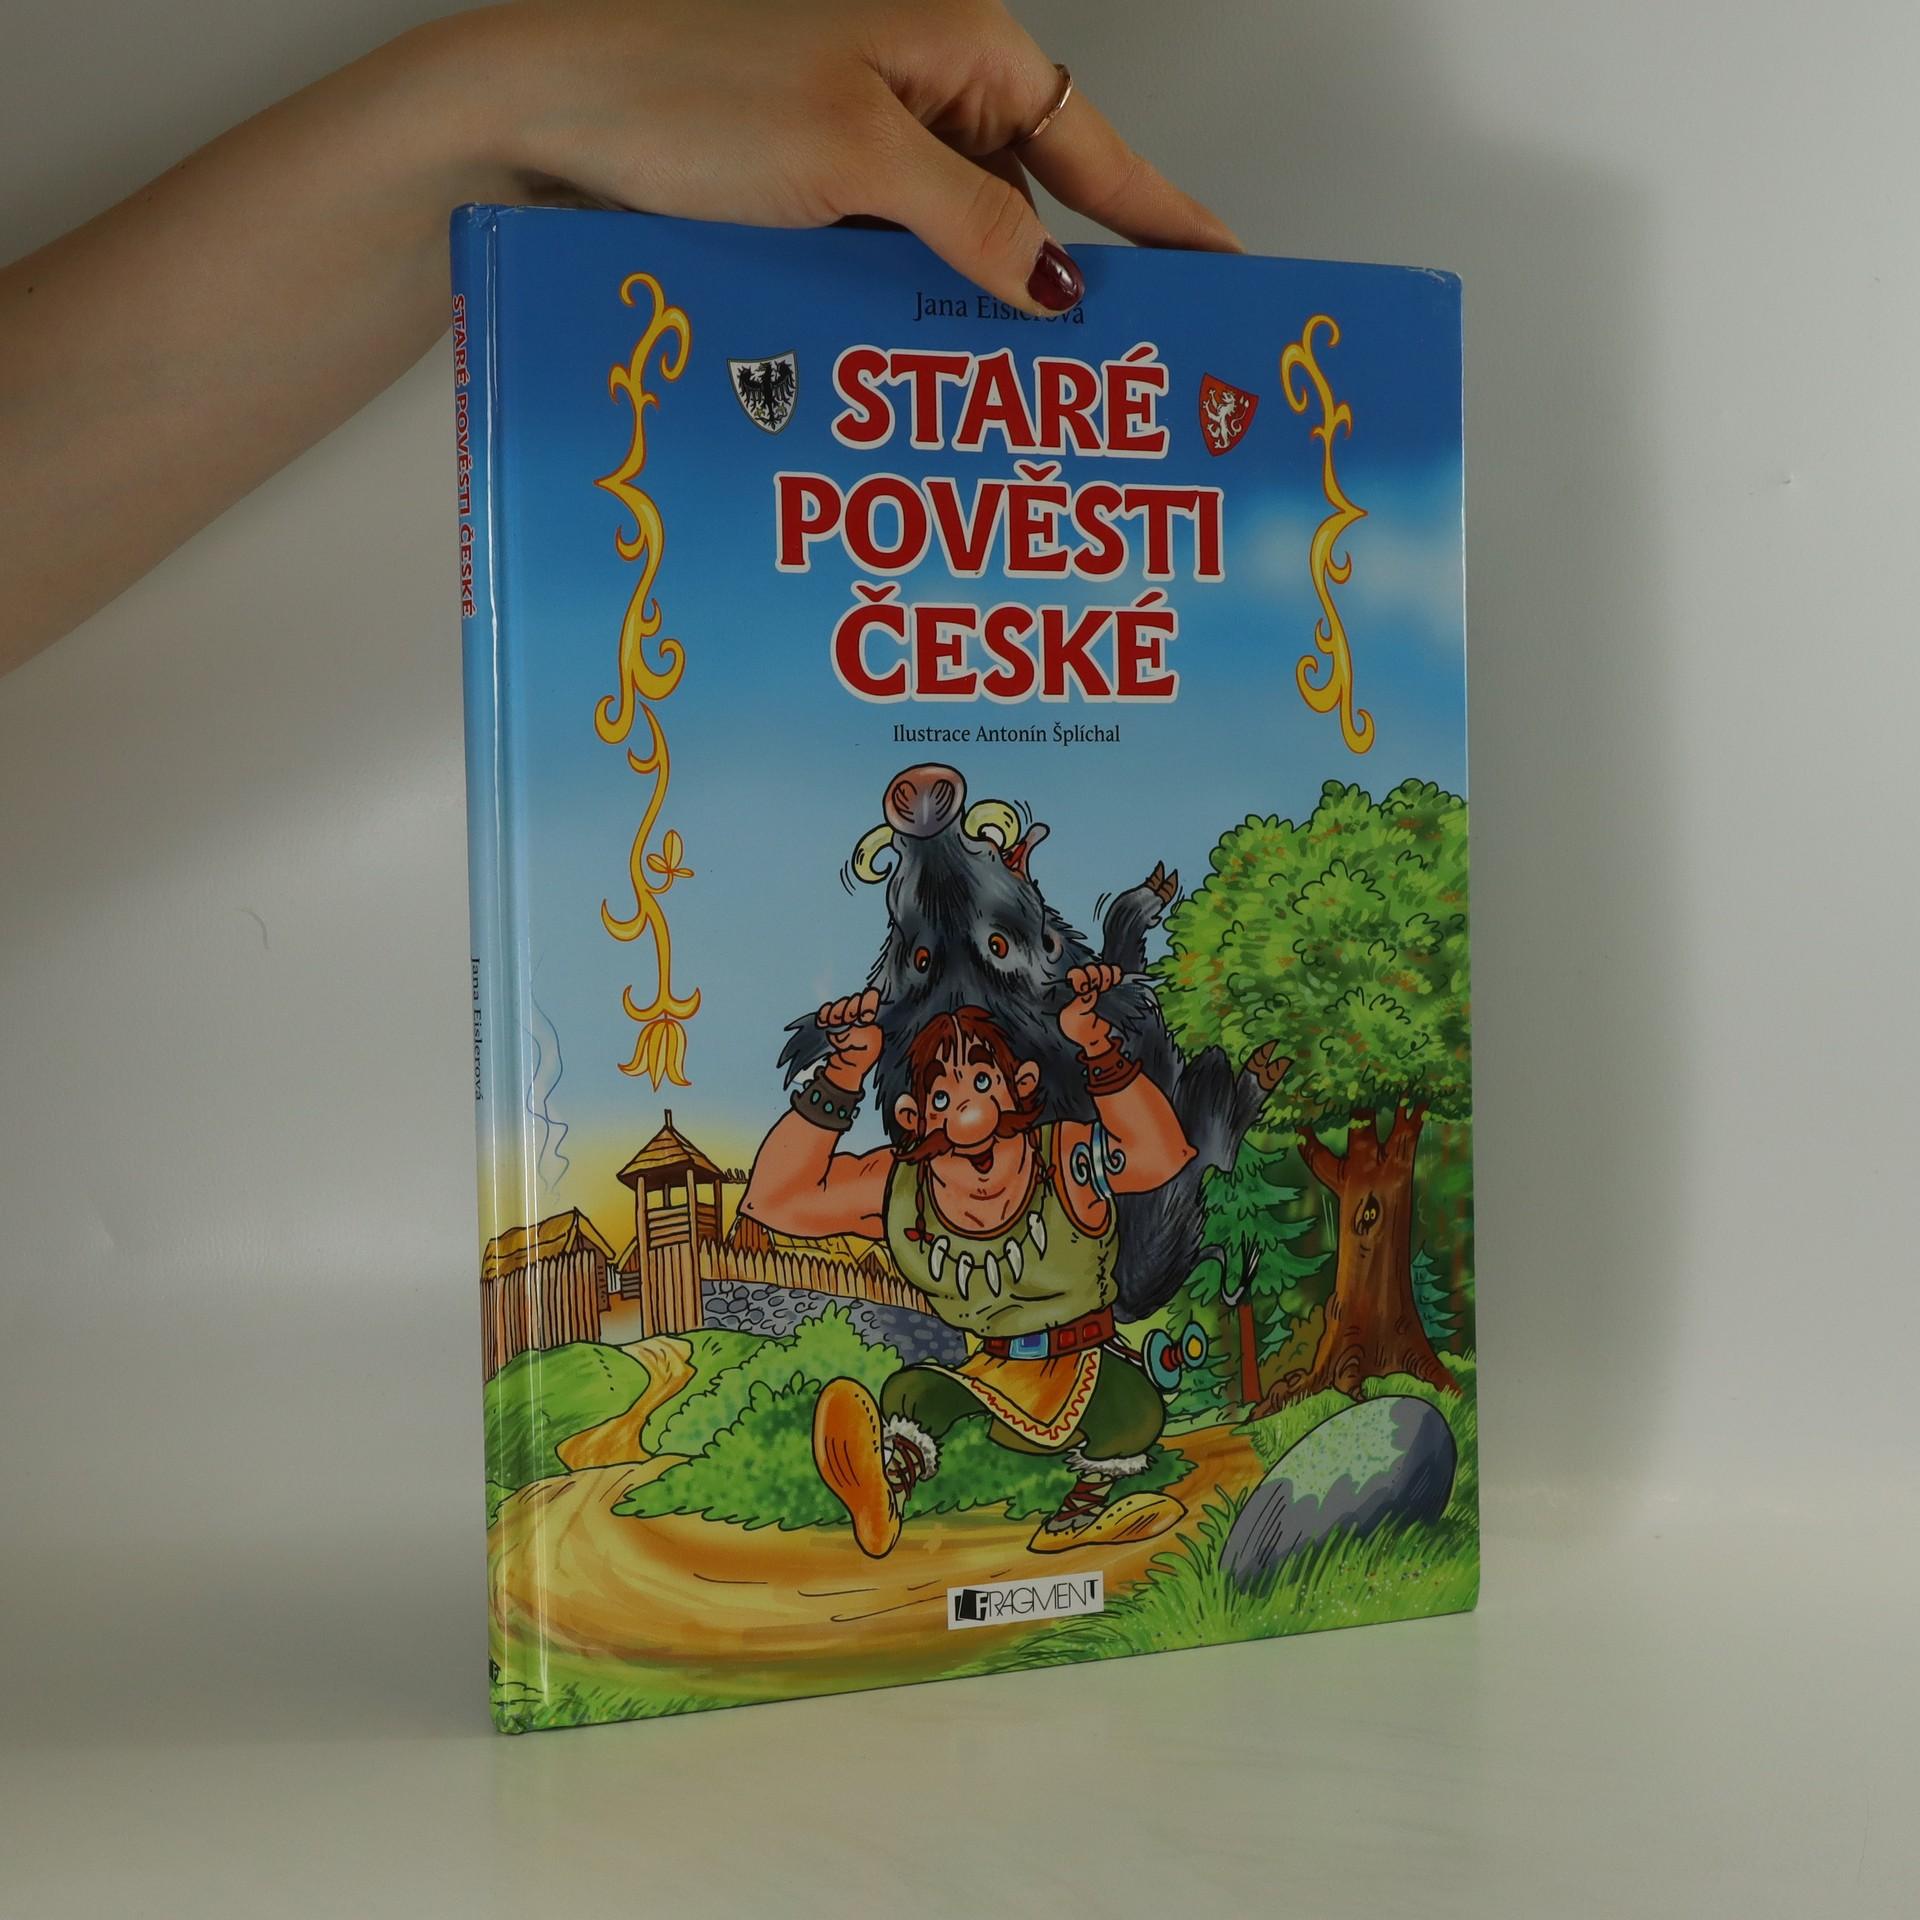 antikvární kniha Staré pověsti české, 2009